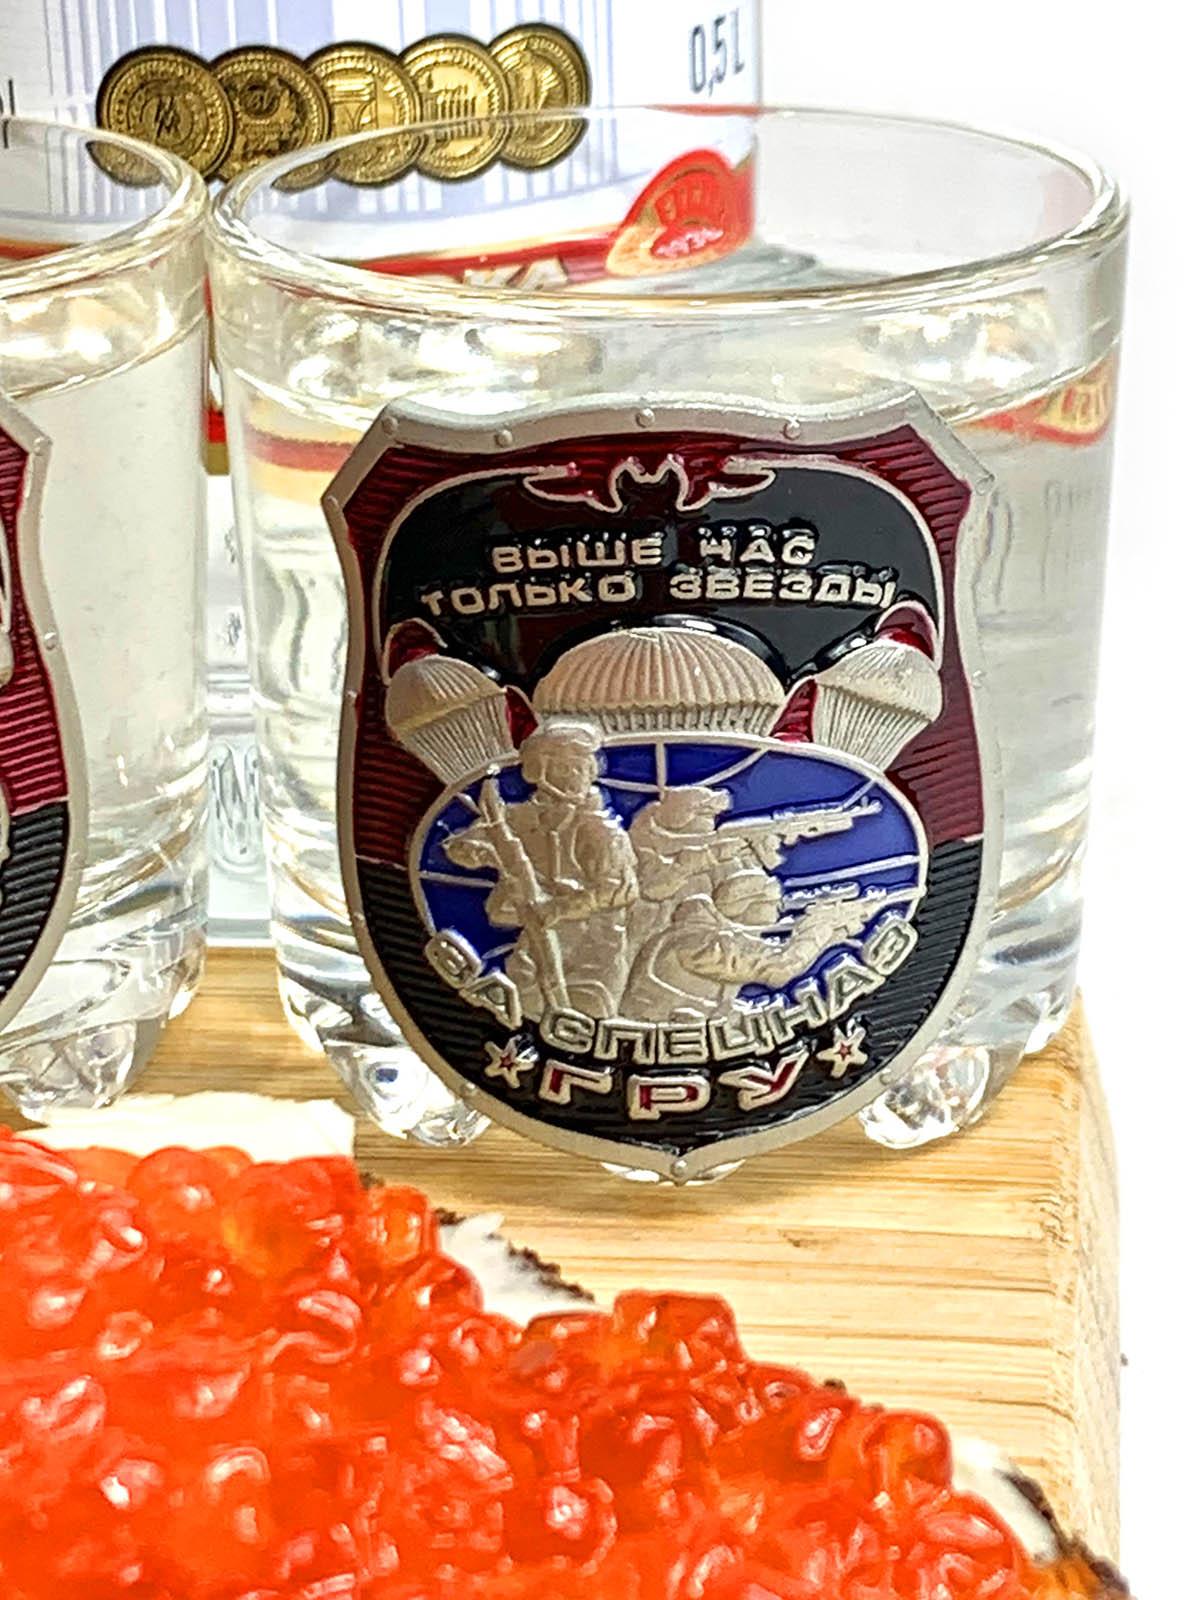 Набор для крепких напитков Спецназ ГРУ пивная кружка и стопки